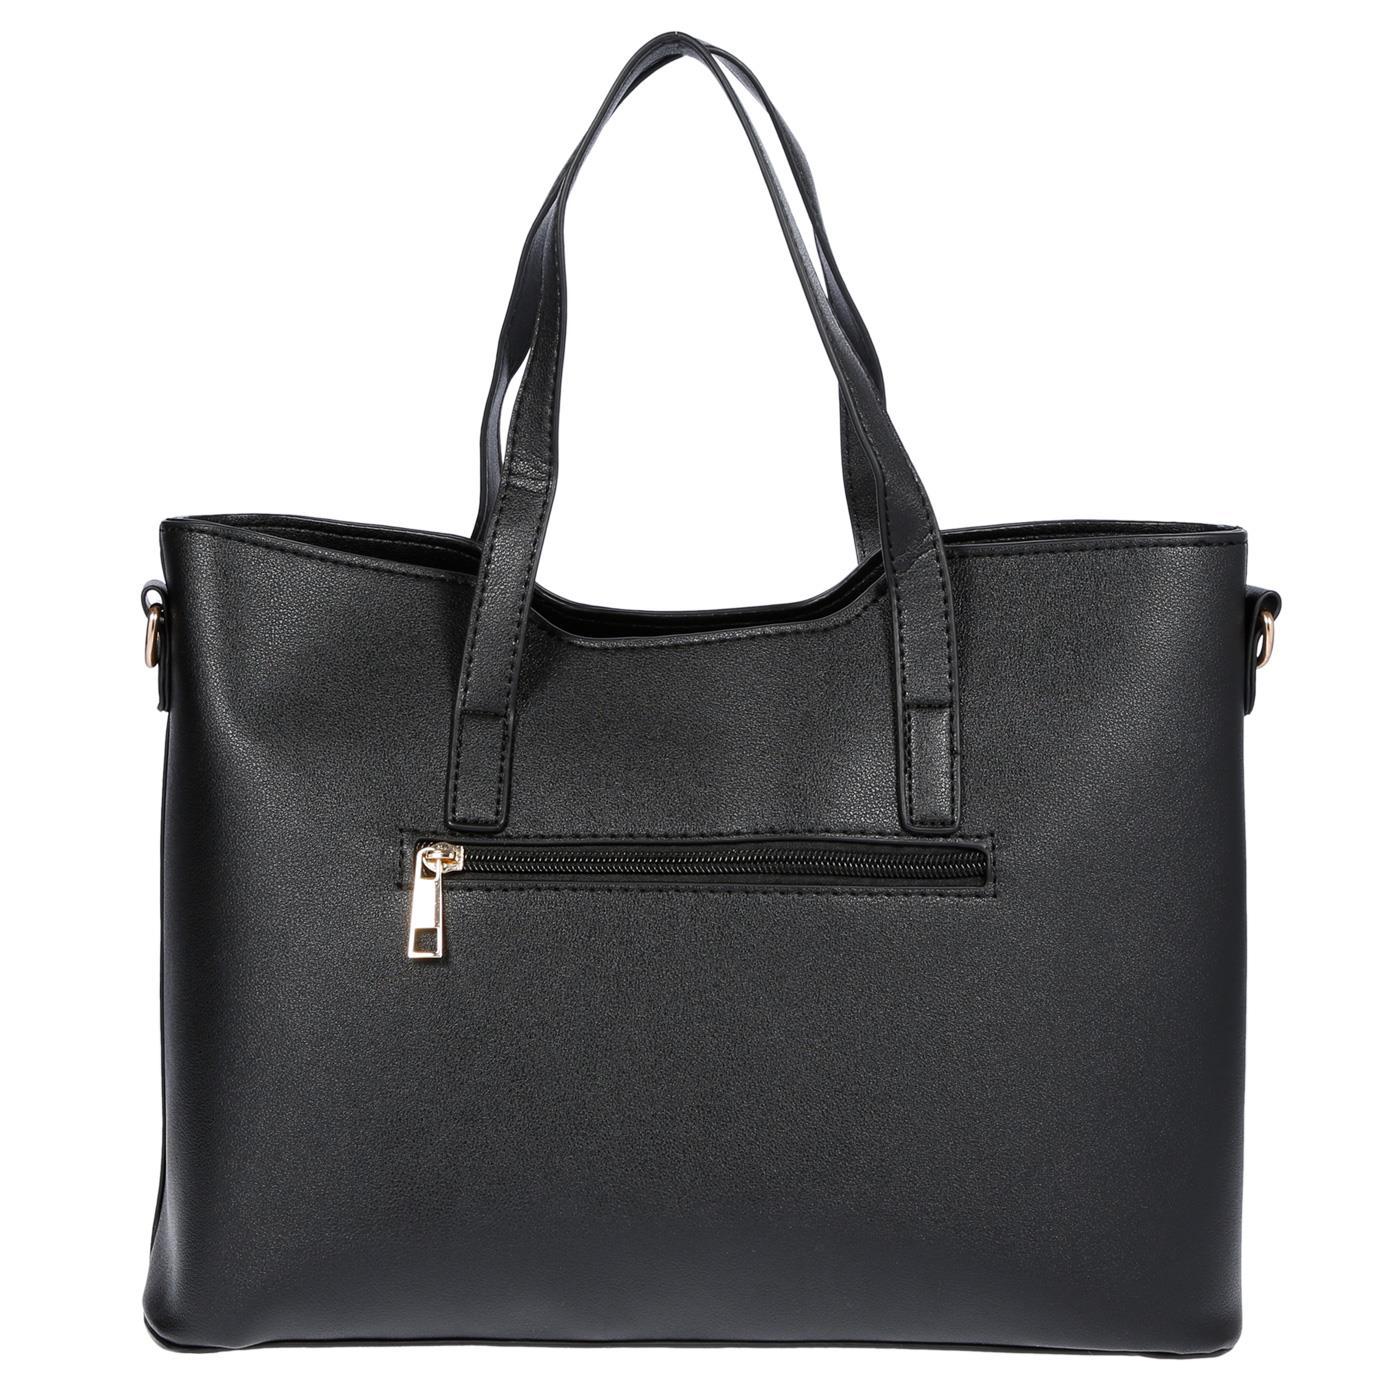 Kossberg-Damen-Tasche-Henkeltasche-Schultertasche-Umhaengetasche-Leder-Optik-Bag Indexbild 16